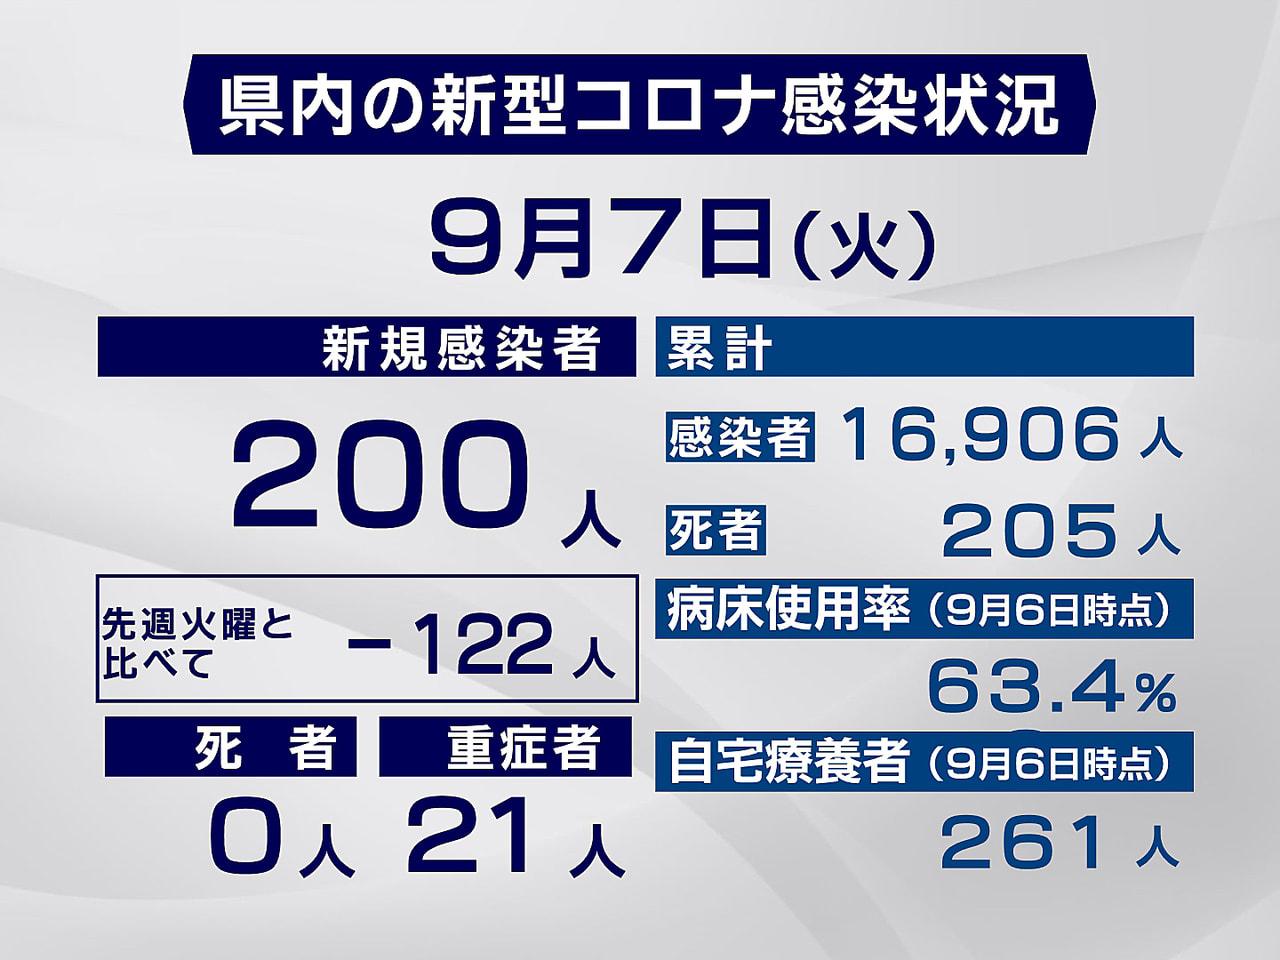 岐阜県と岐阜市は7日、新型コロナウイルスの感染が新たに200人確認されたと発表し...